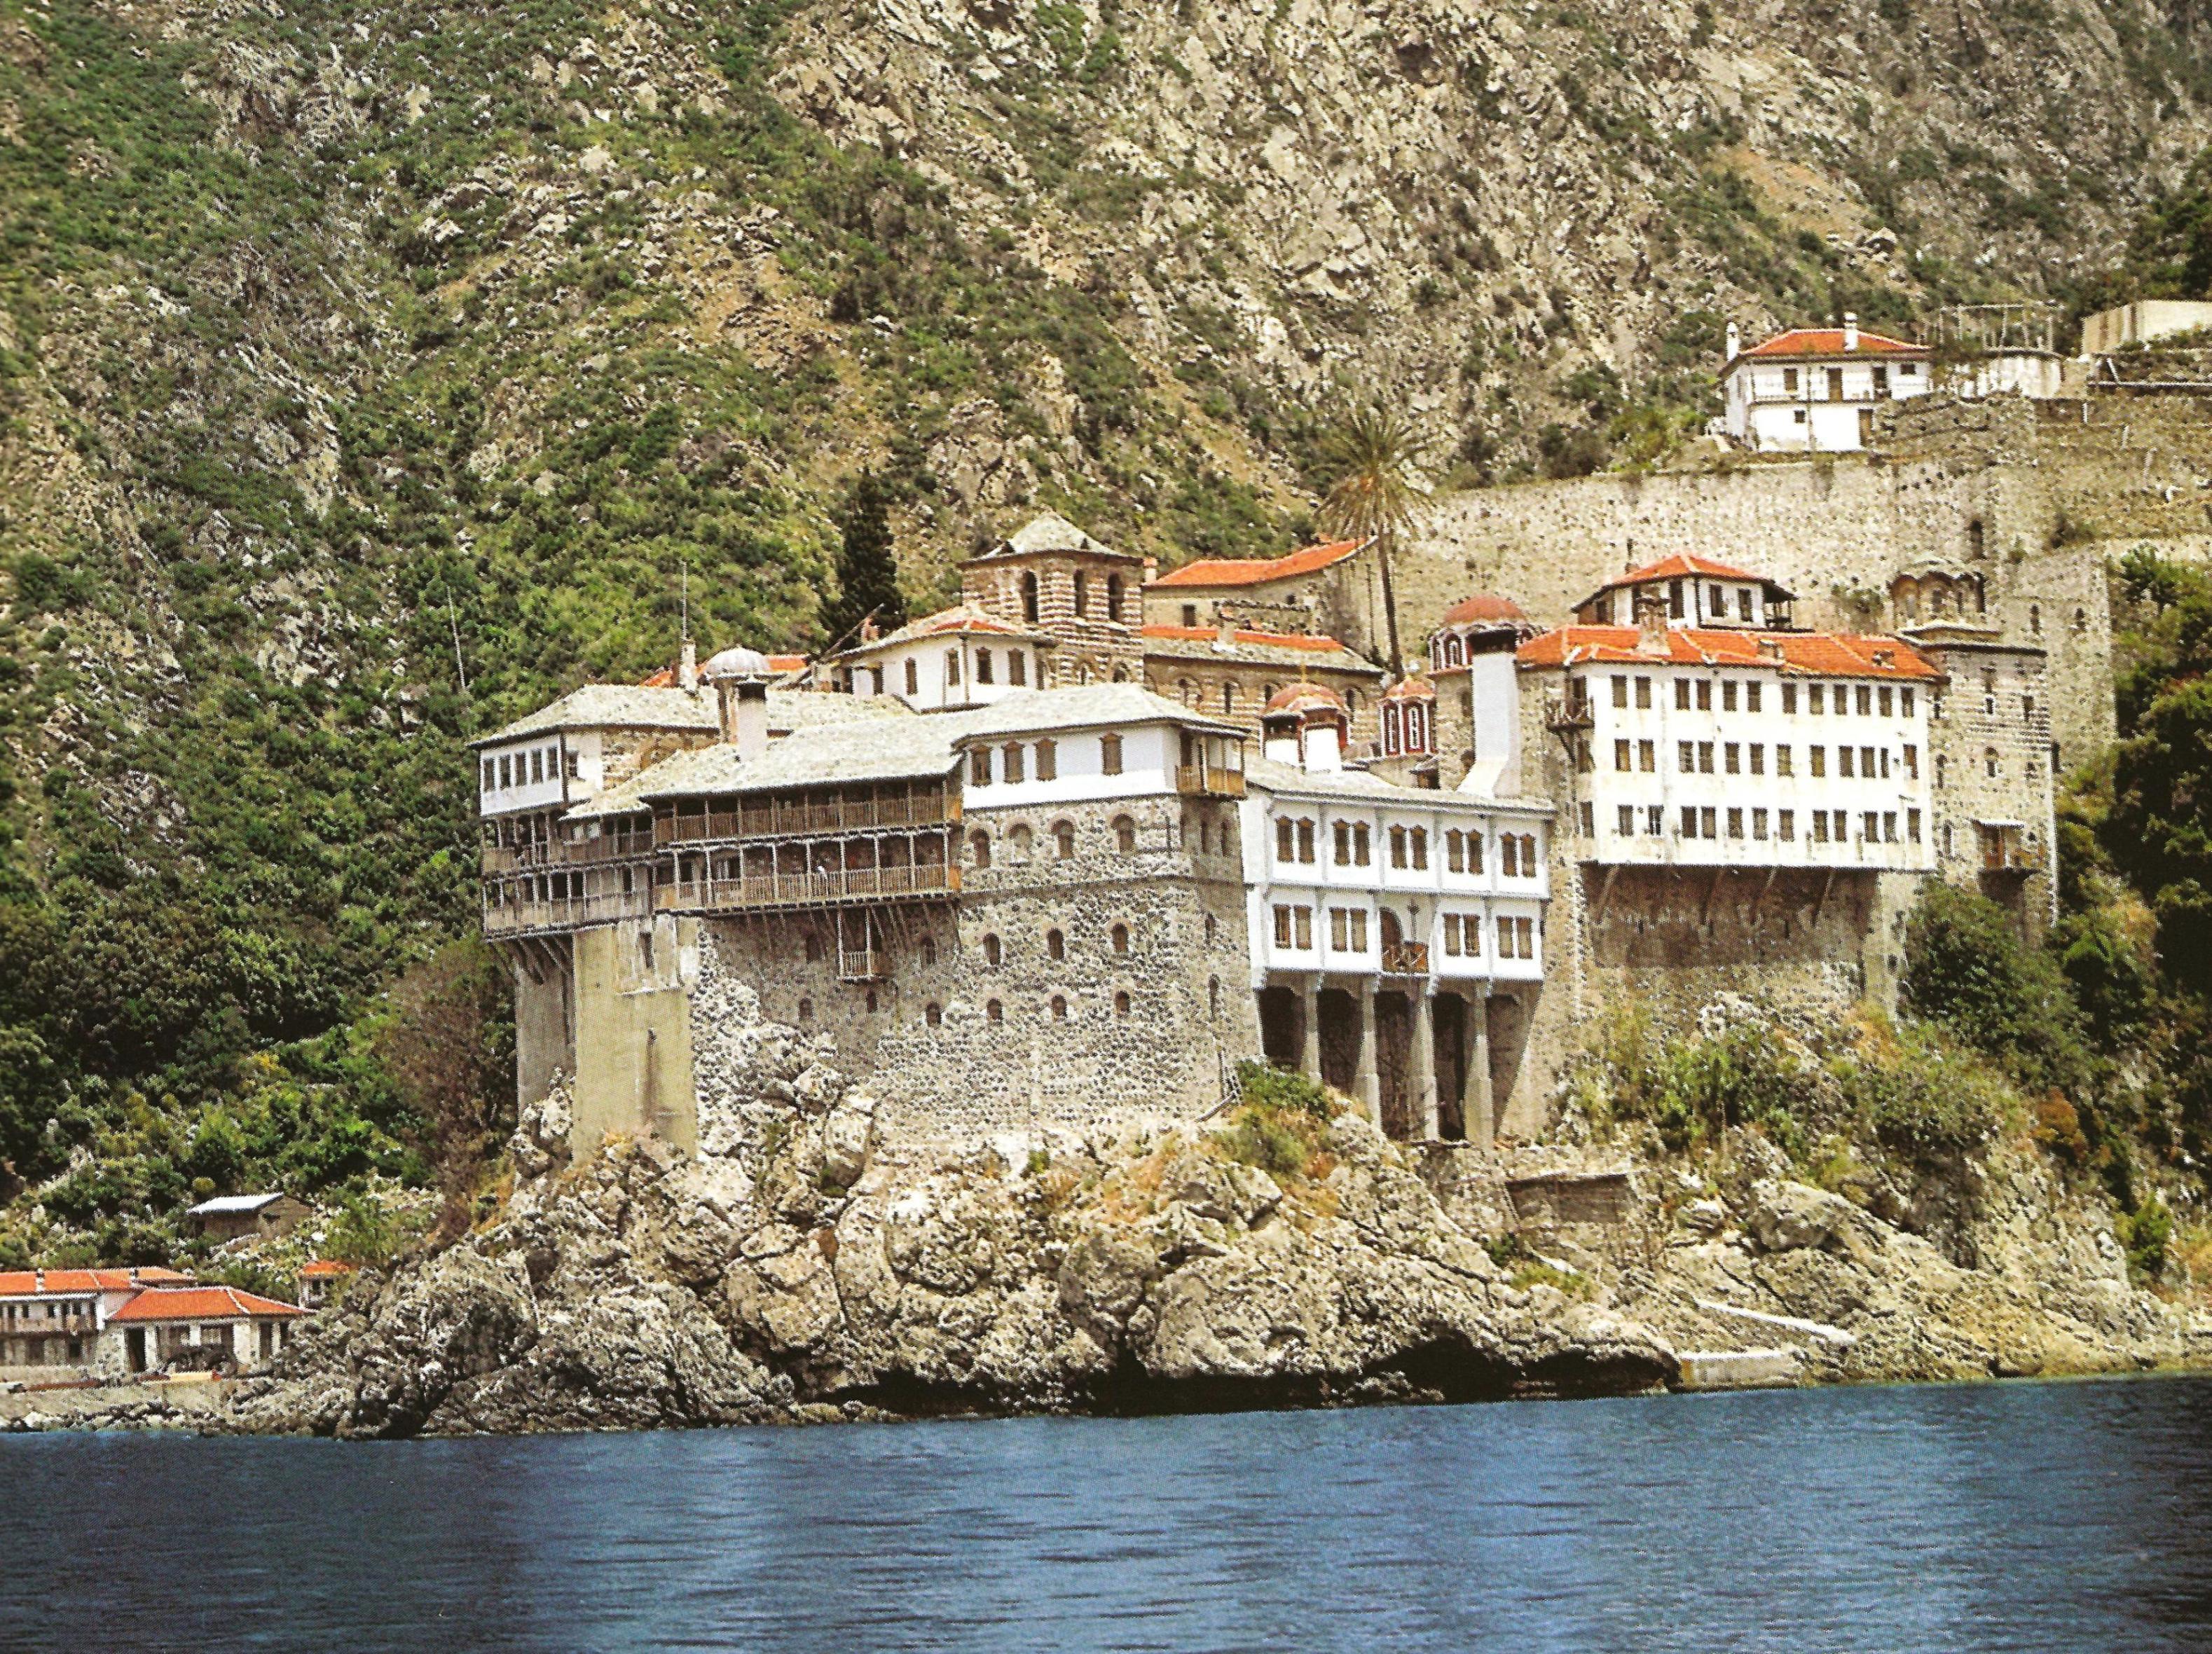 Ιερα Μονή Οσίου Γρηγορίου. Εξωτερική άποψη. Holy Monastery of Gregoriou. External view.